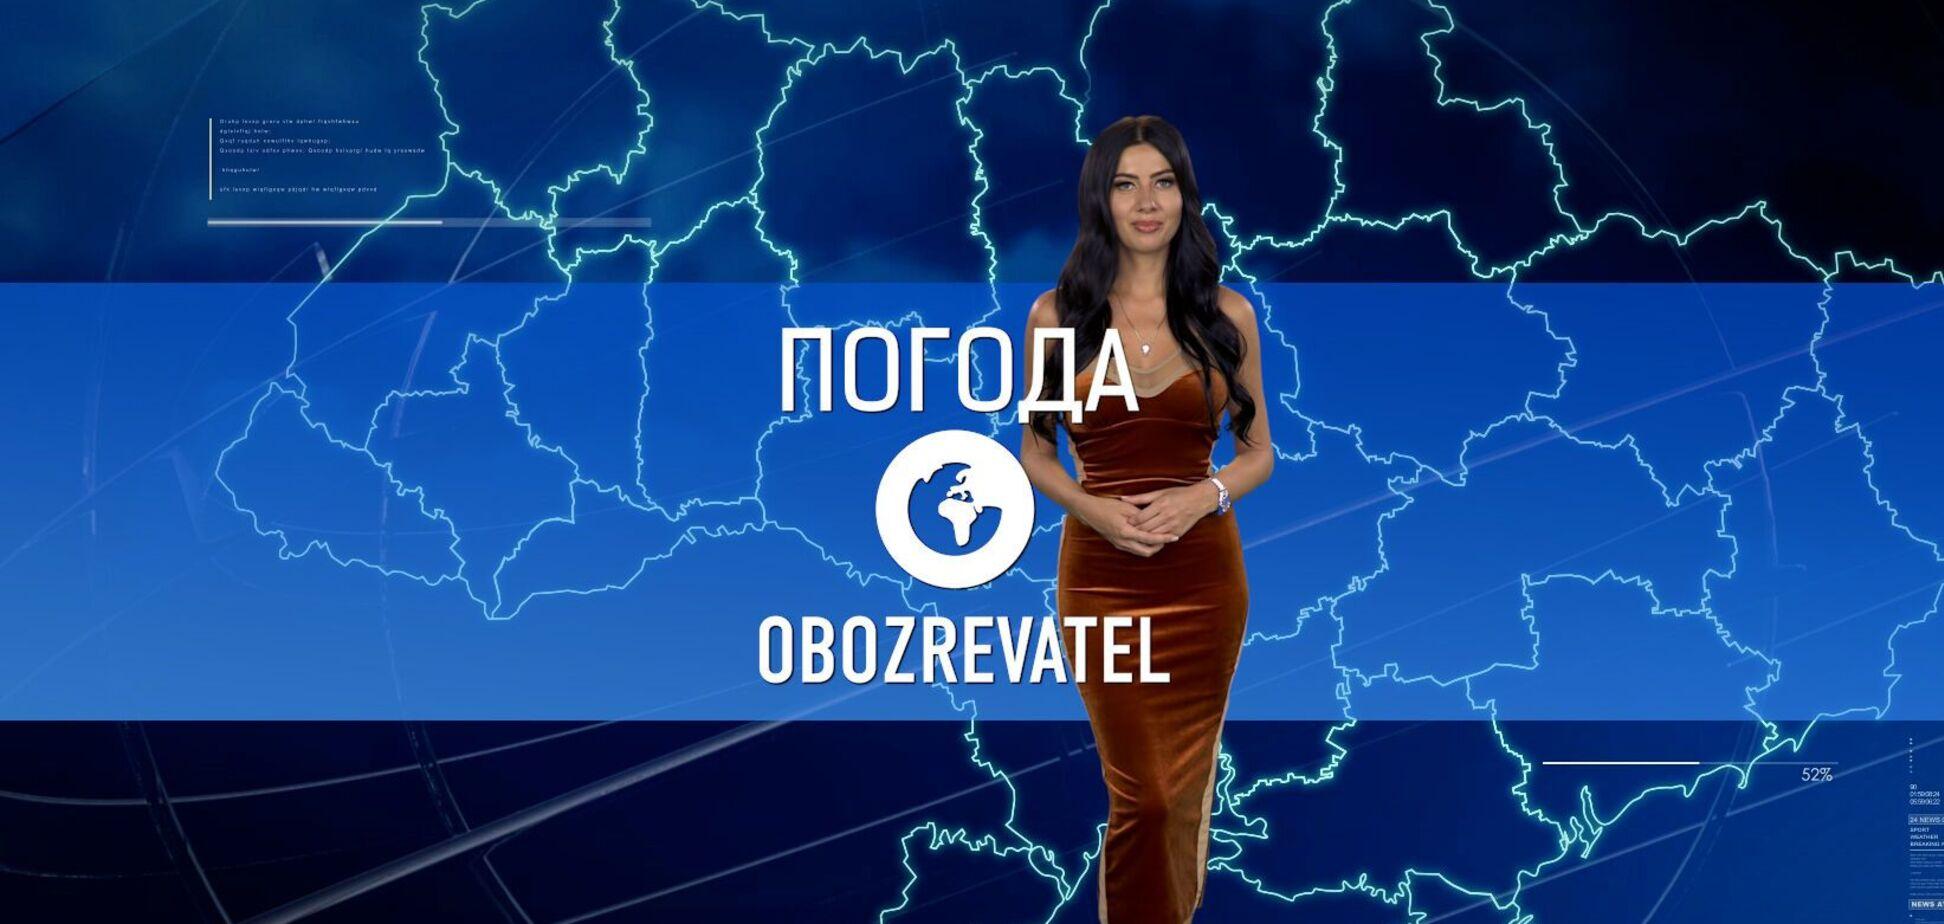 Прогноз погоди в Україні на неділю, 15 серпня, з Алісою Мярковською